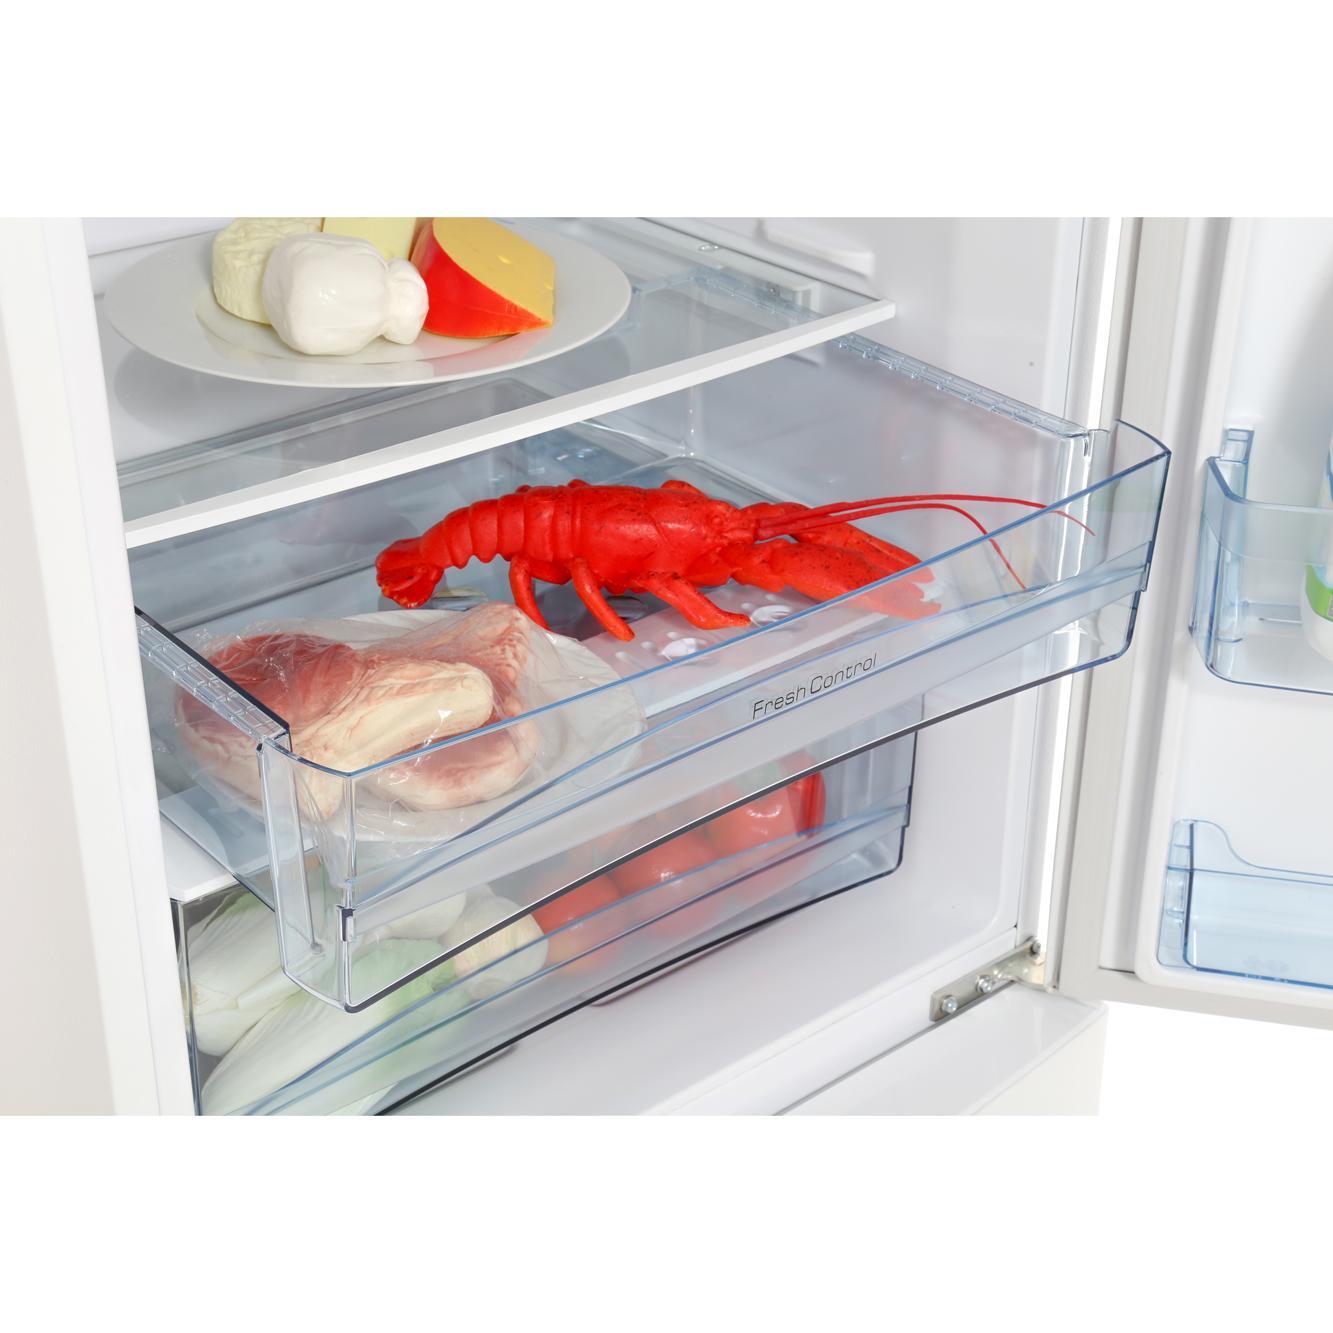 haier orange fridge freezer. haier cfe633cwe fridge freezer orange 4